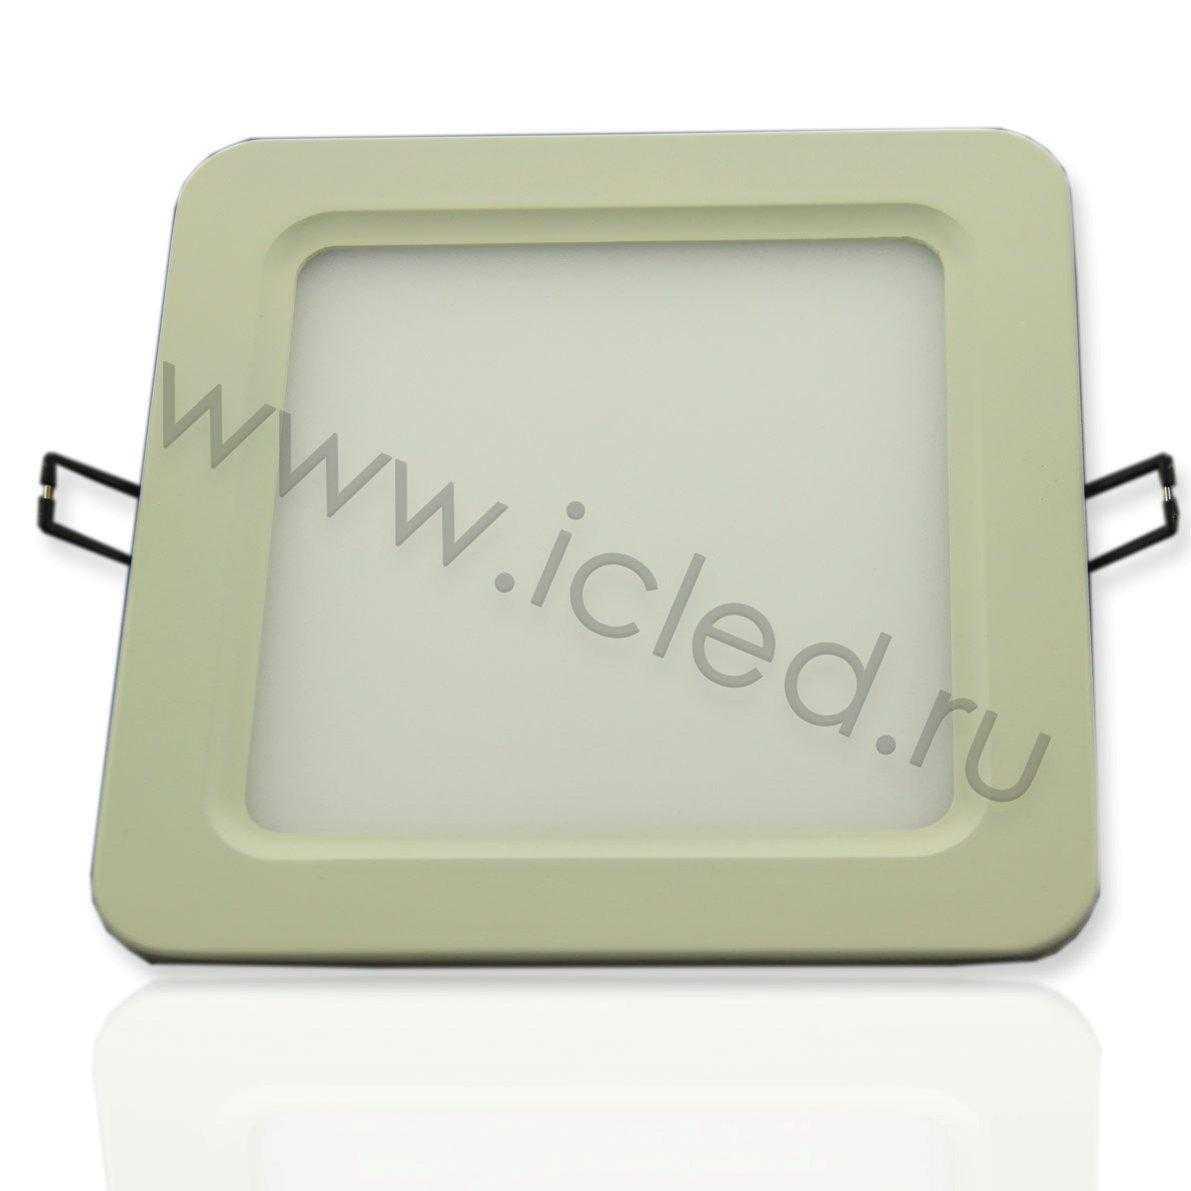 Светодиодный светильник встраиваемый IC-SW L180 (11W, Warm White)